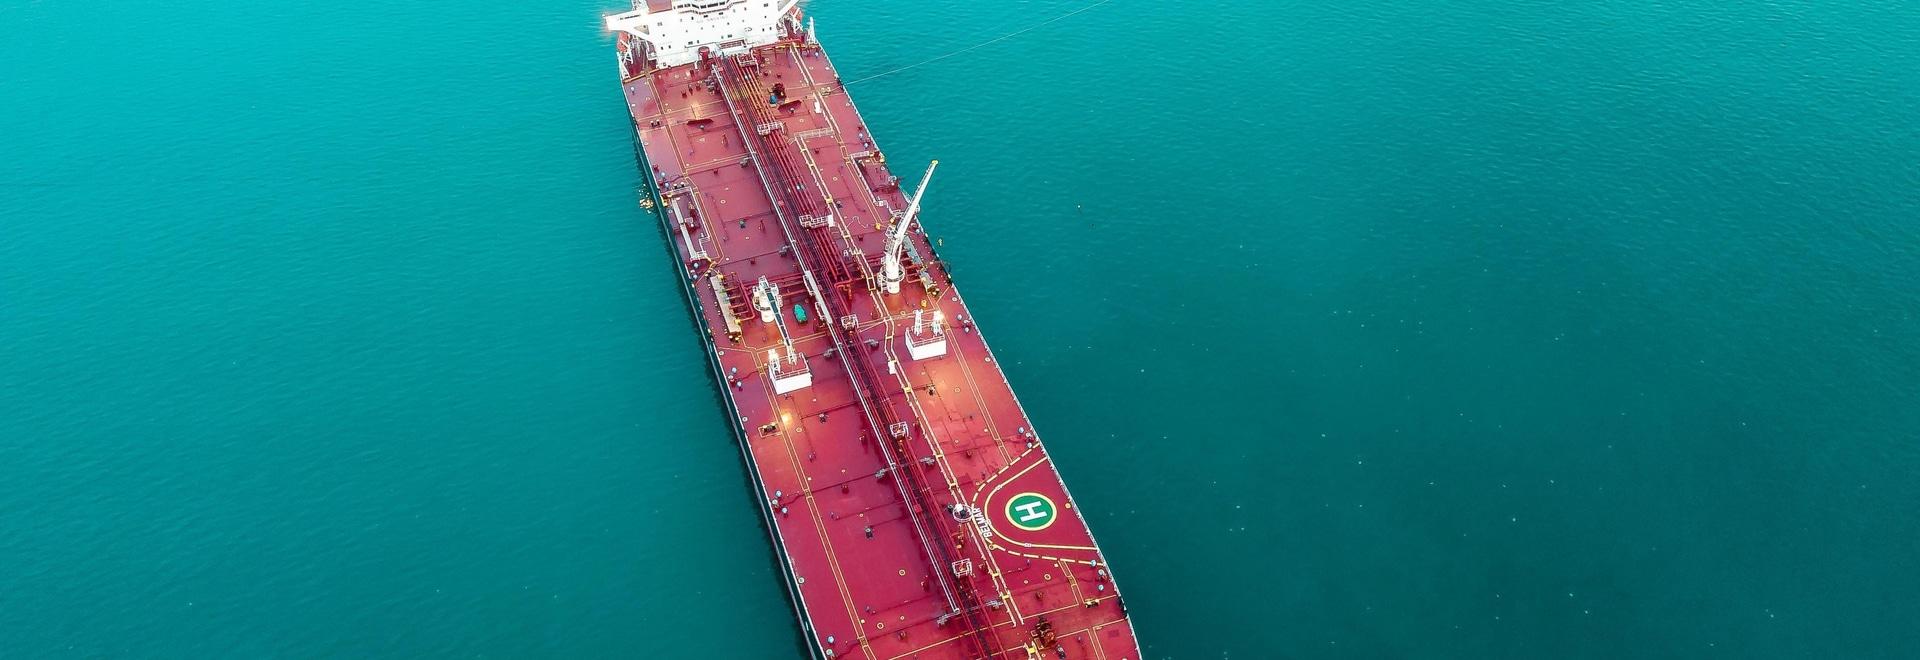 Le nouveau bateau-citerne de Suezmax avec la charte de dix ans joint le rendement d'océan